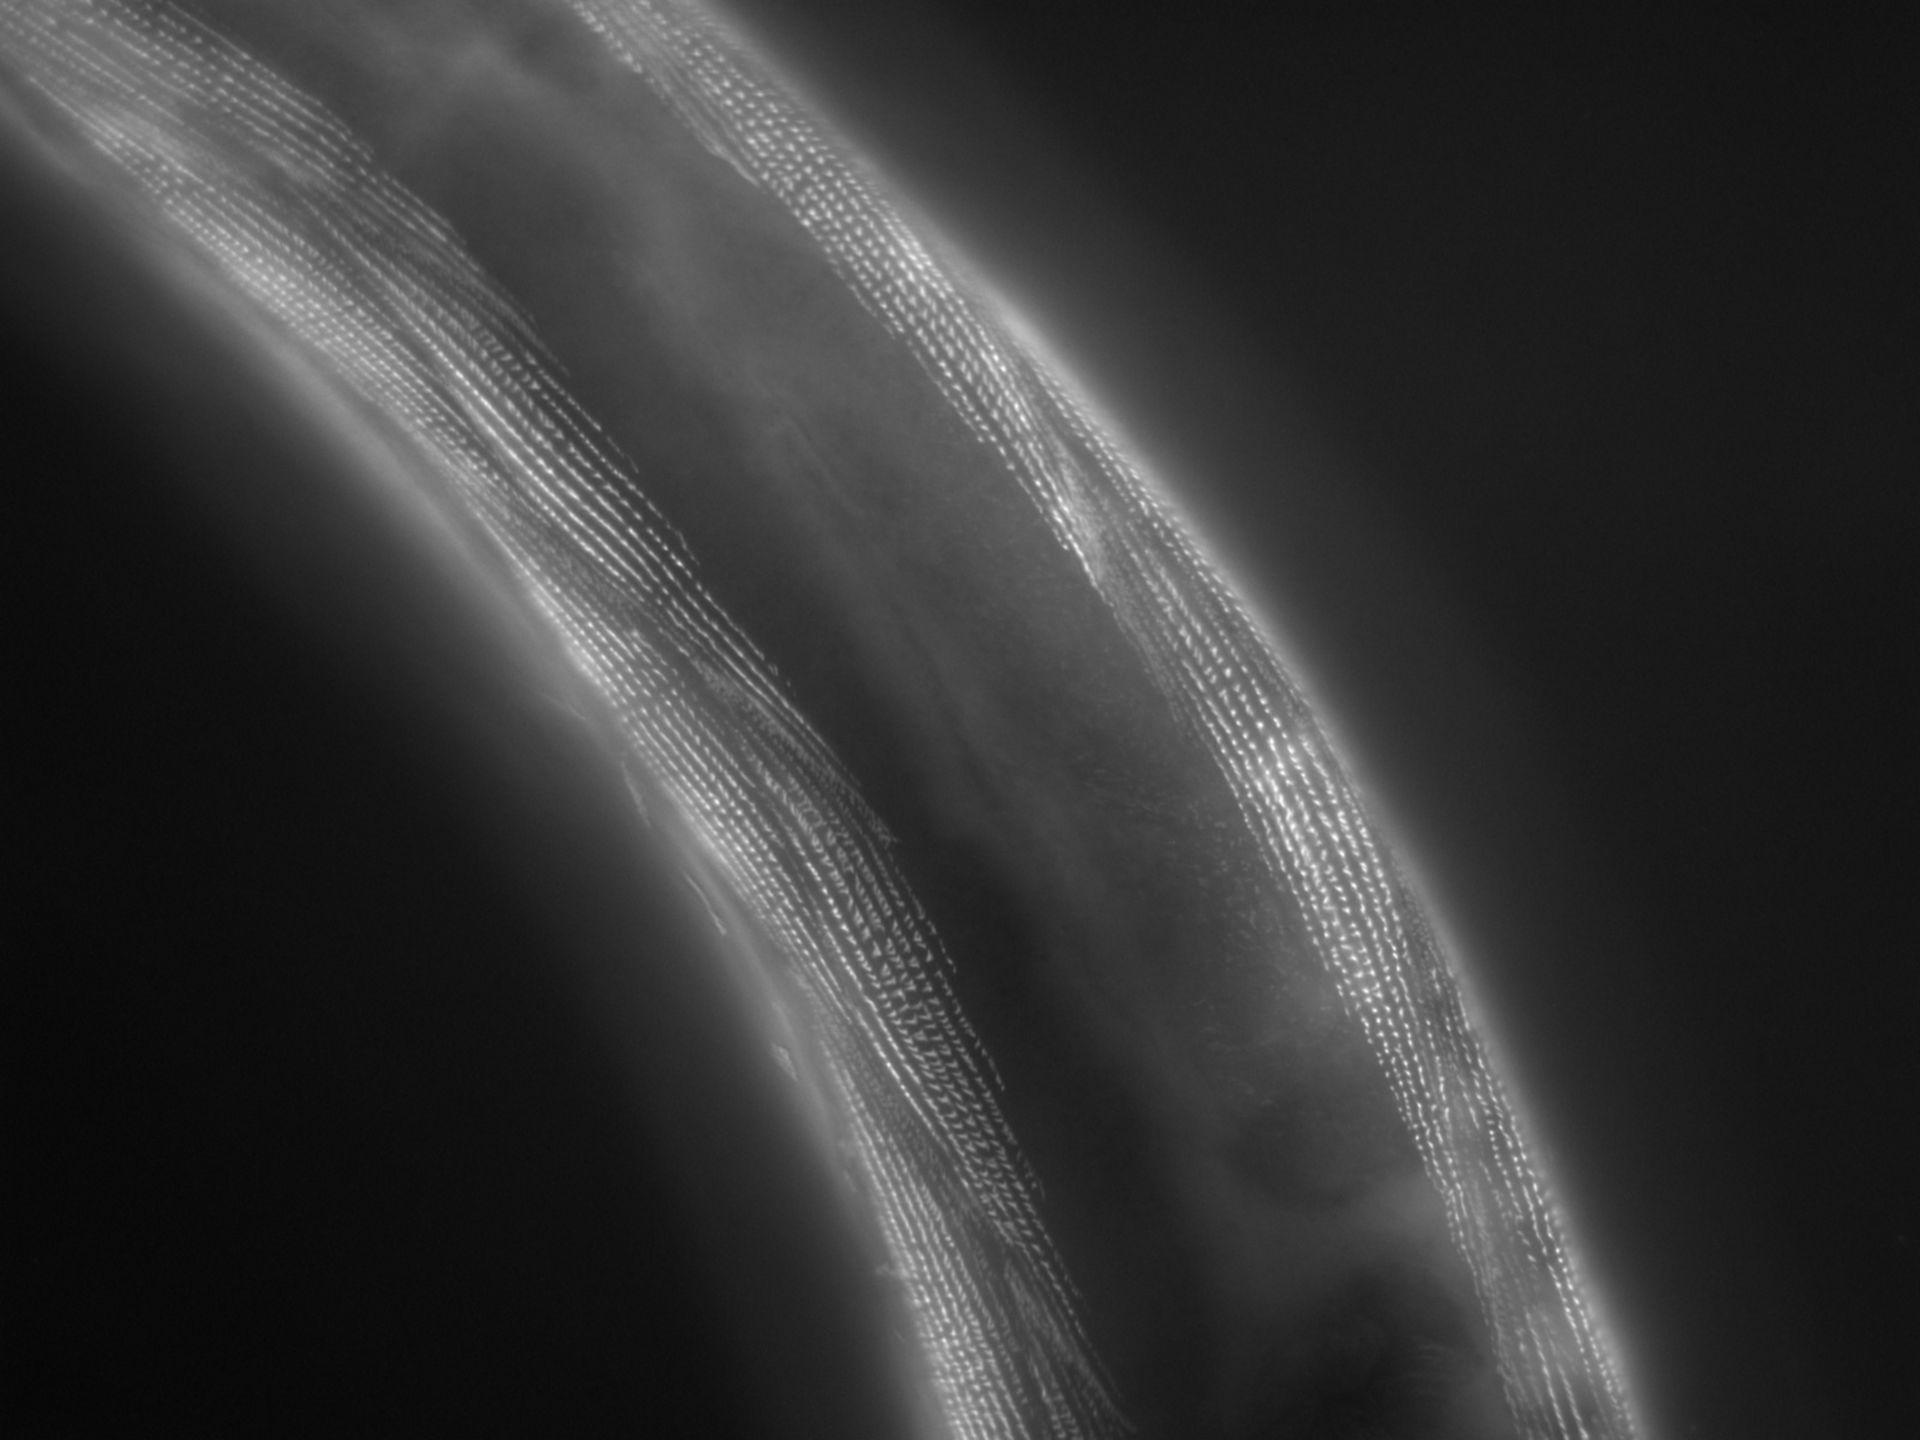 Caenorhabditis elegans (Actin filament) - CIL:1180